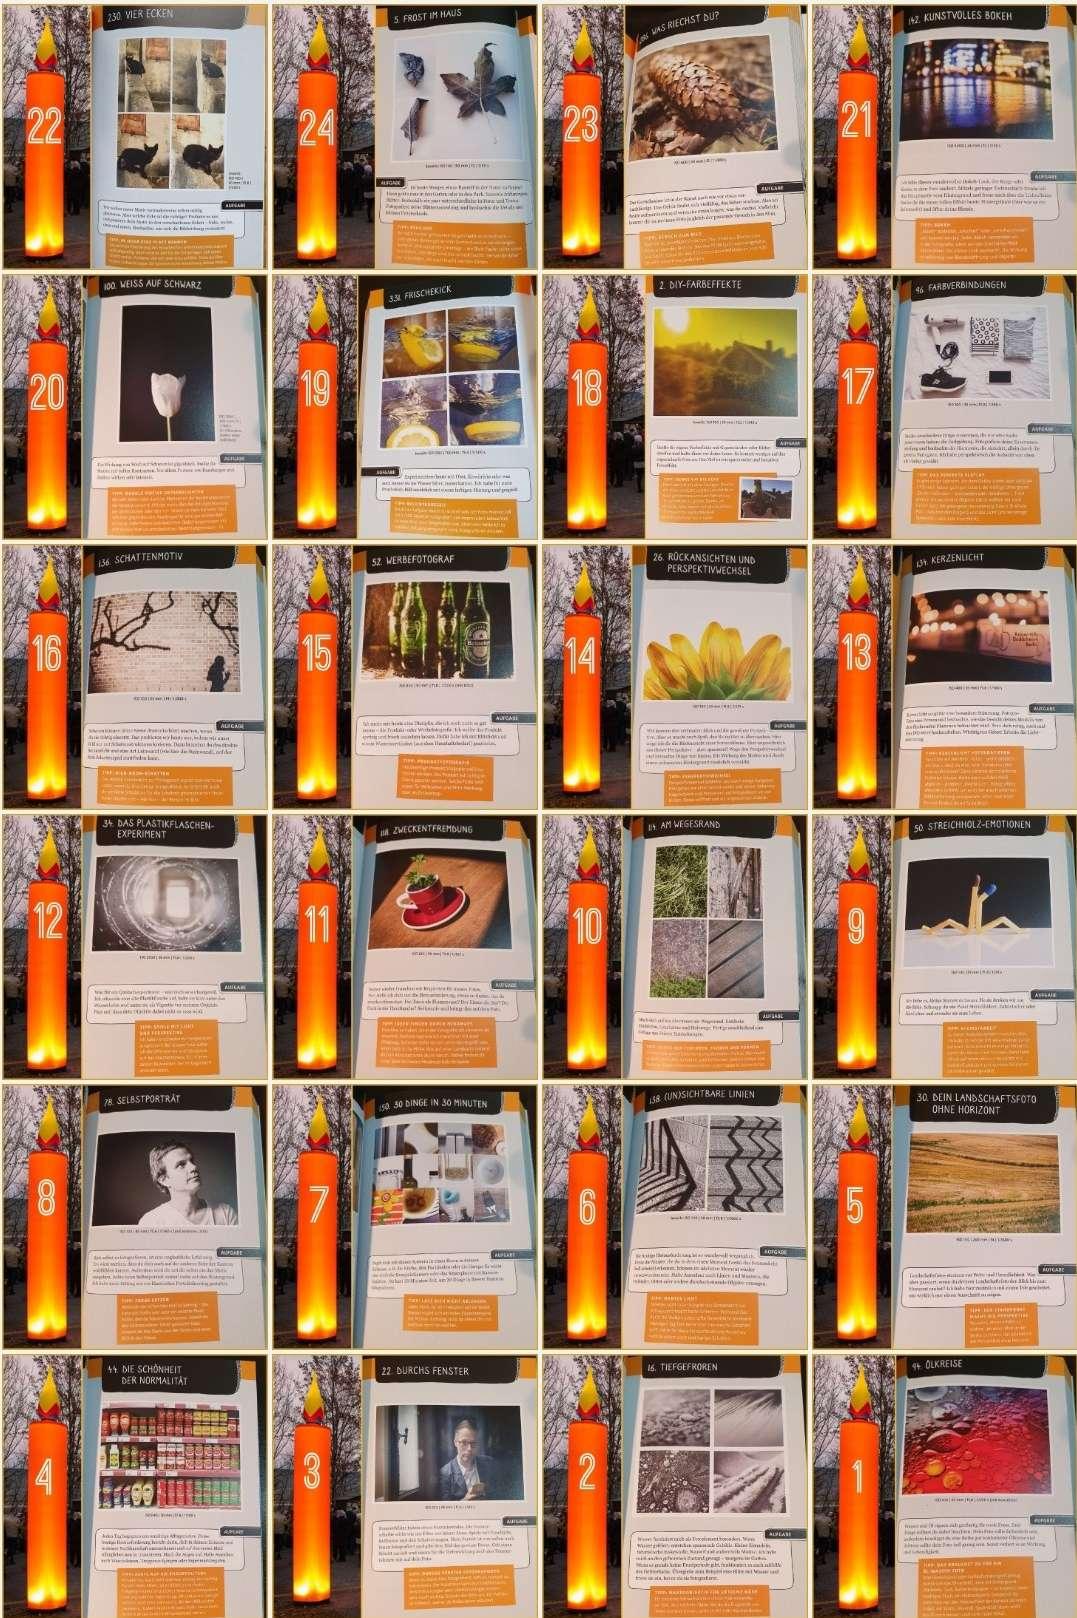 24 Tage kreative Foto-Ideen für die Jugendgruppe